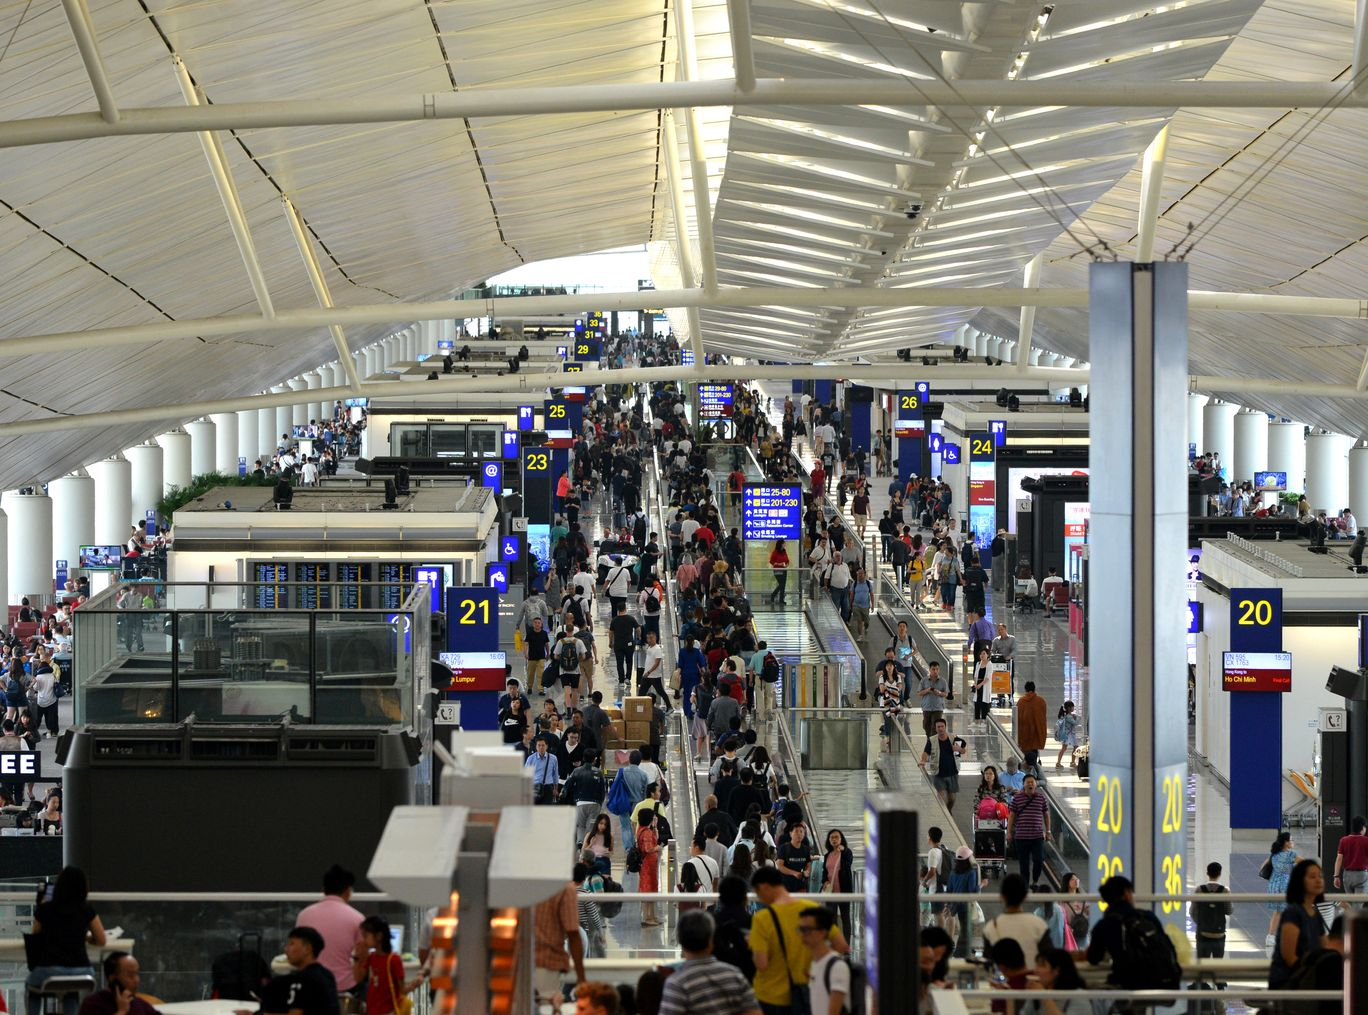 疑有機場職員濫用禁區通行證。資料圖片